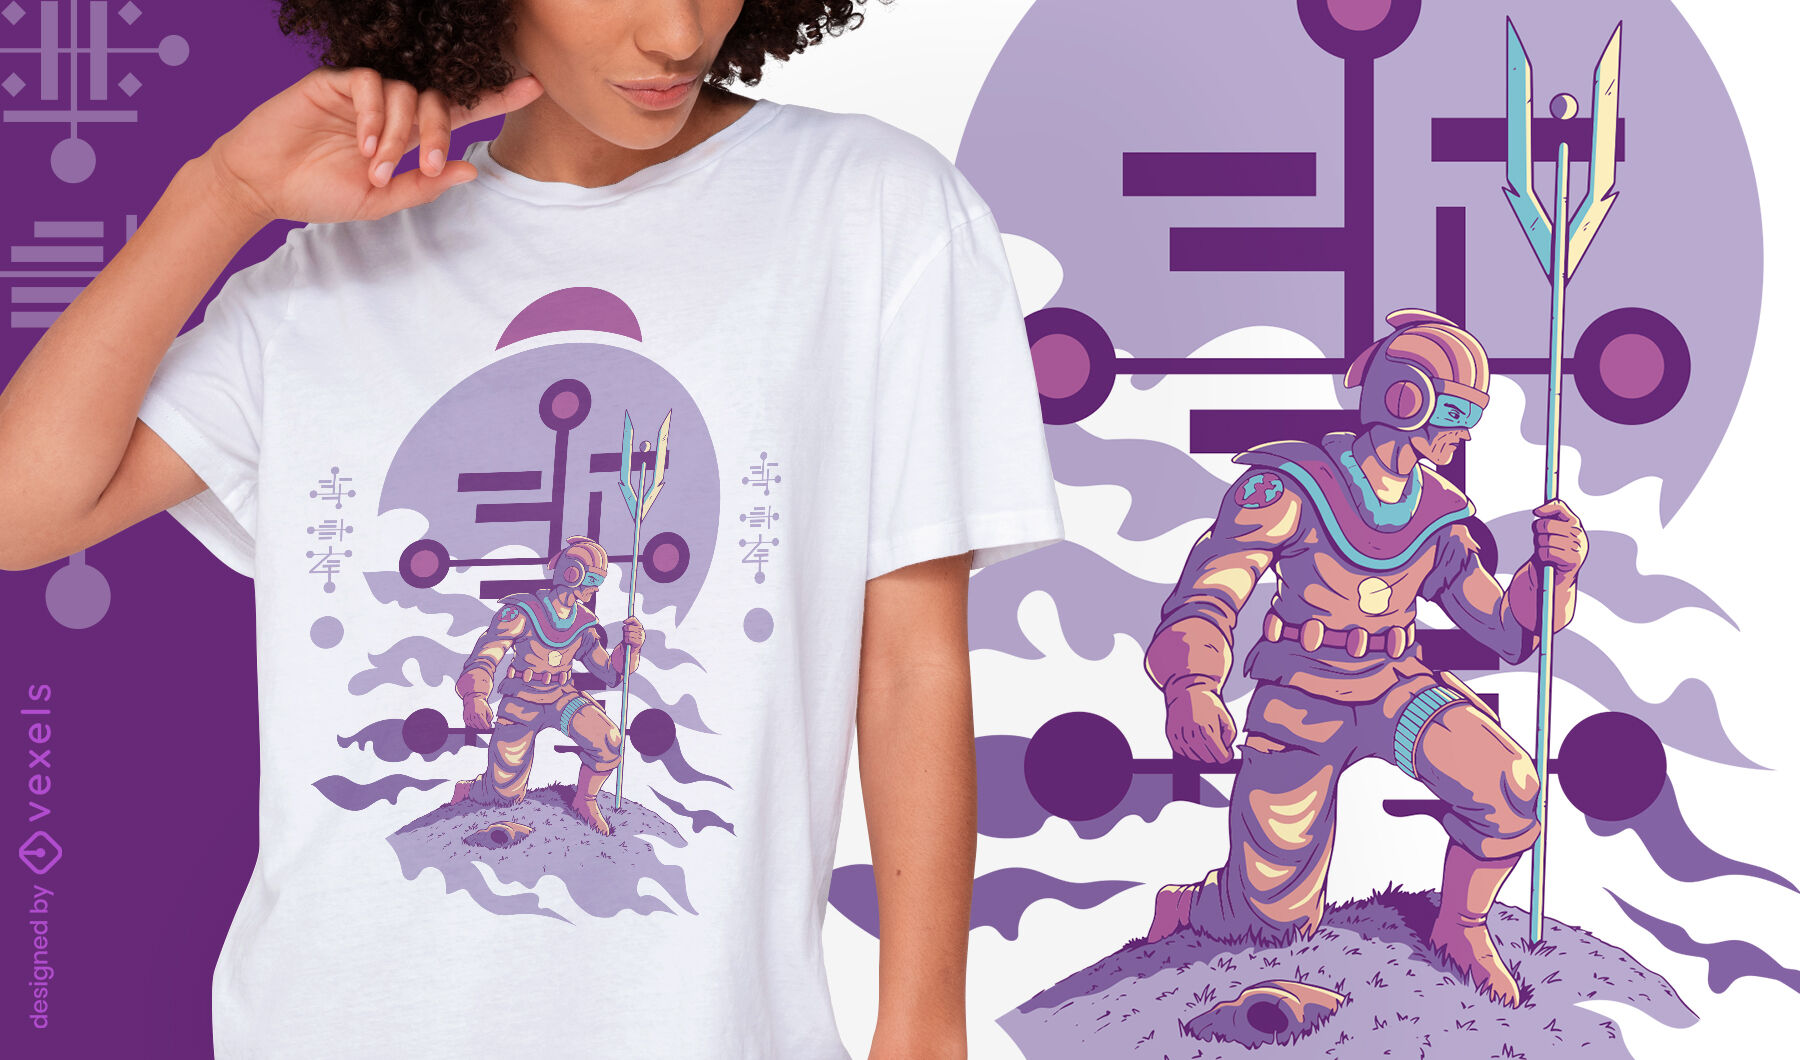 Alien humanoide arrodillado con bastón y diseño de camiseta de casco